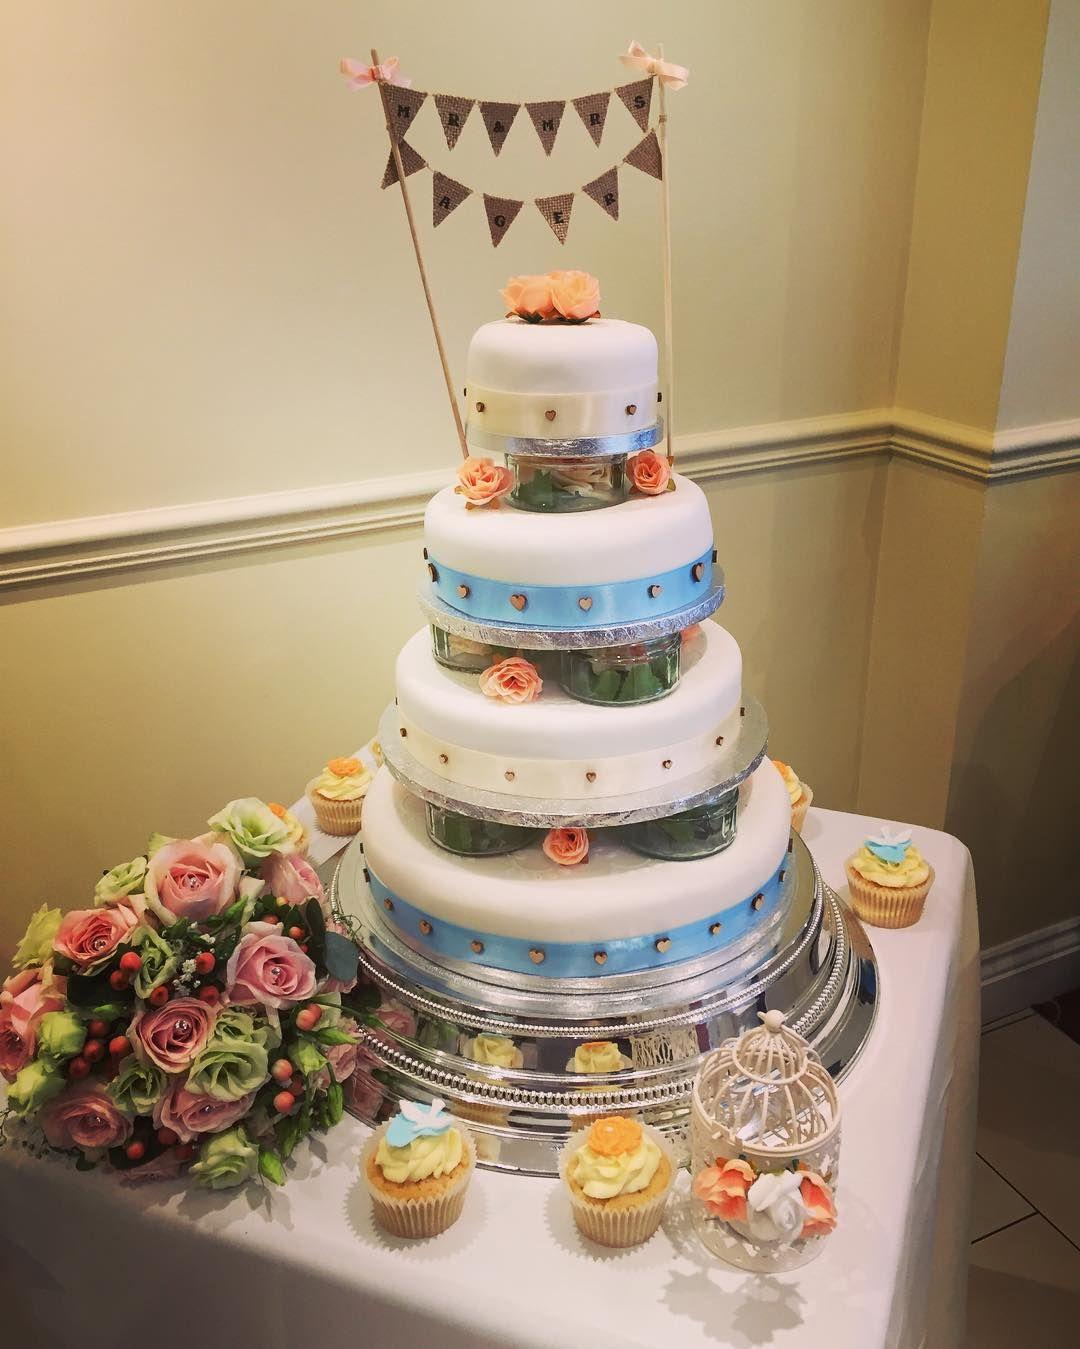 Bootfiful night. #mrandmrsager #wedding #cake